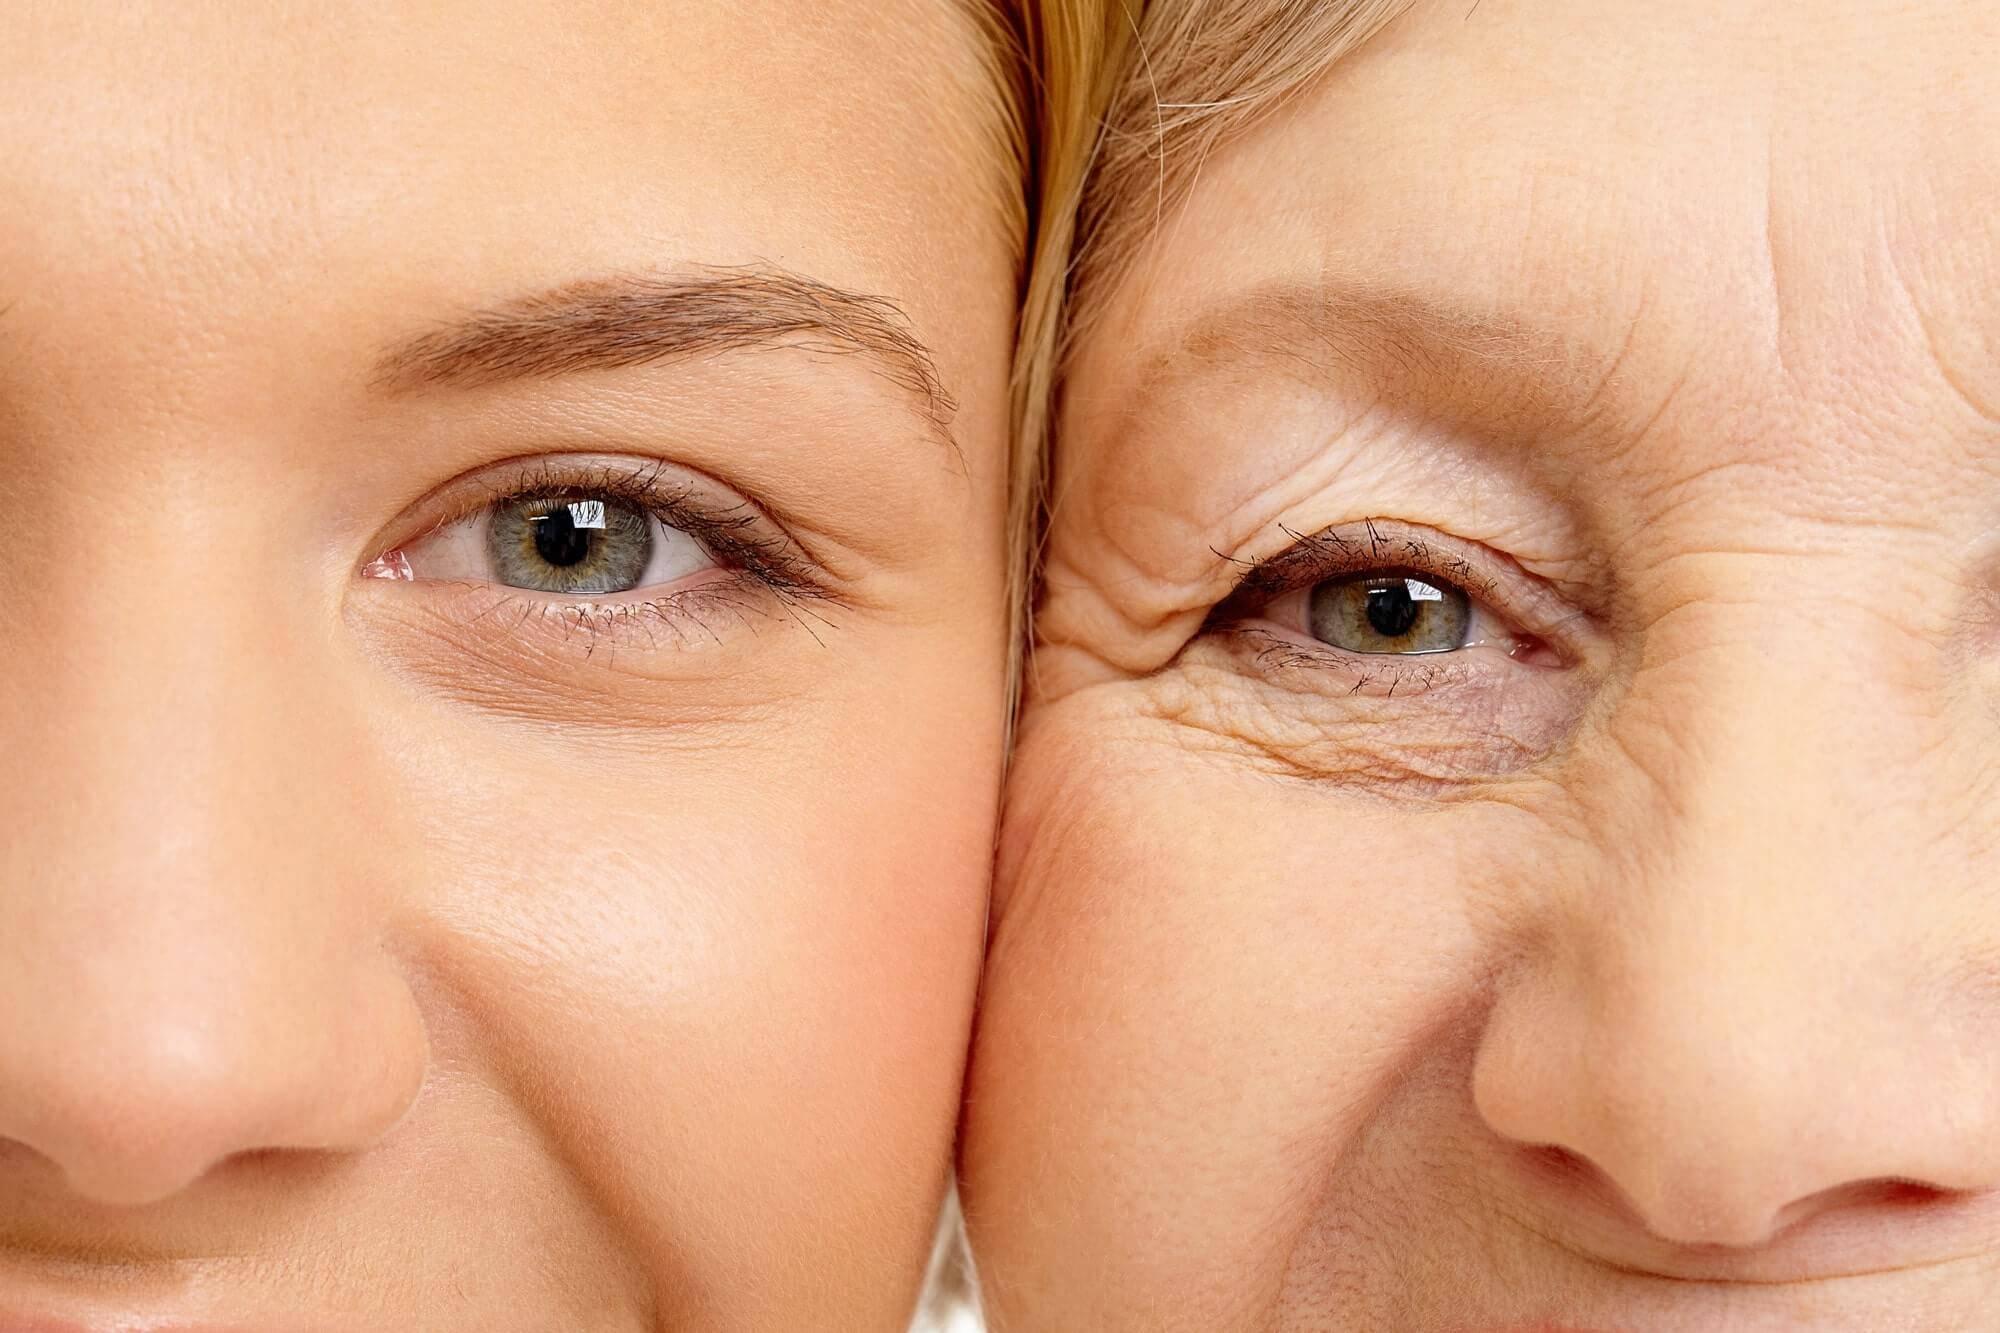 Ритидэктомия кожи лица и шеи: что это, кому подходит, и как не превратить свое лицо в маску шамана